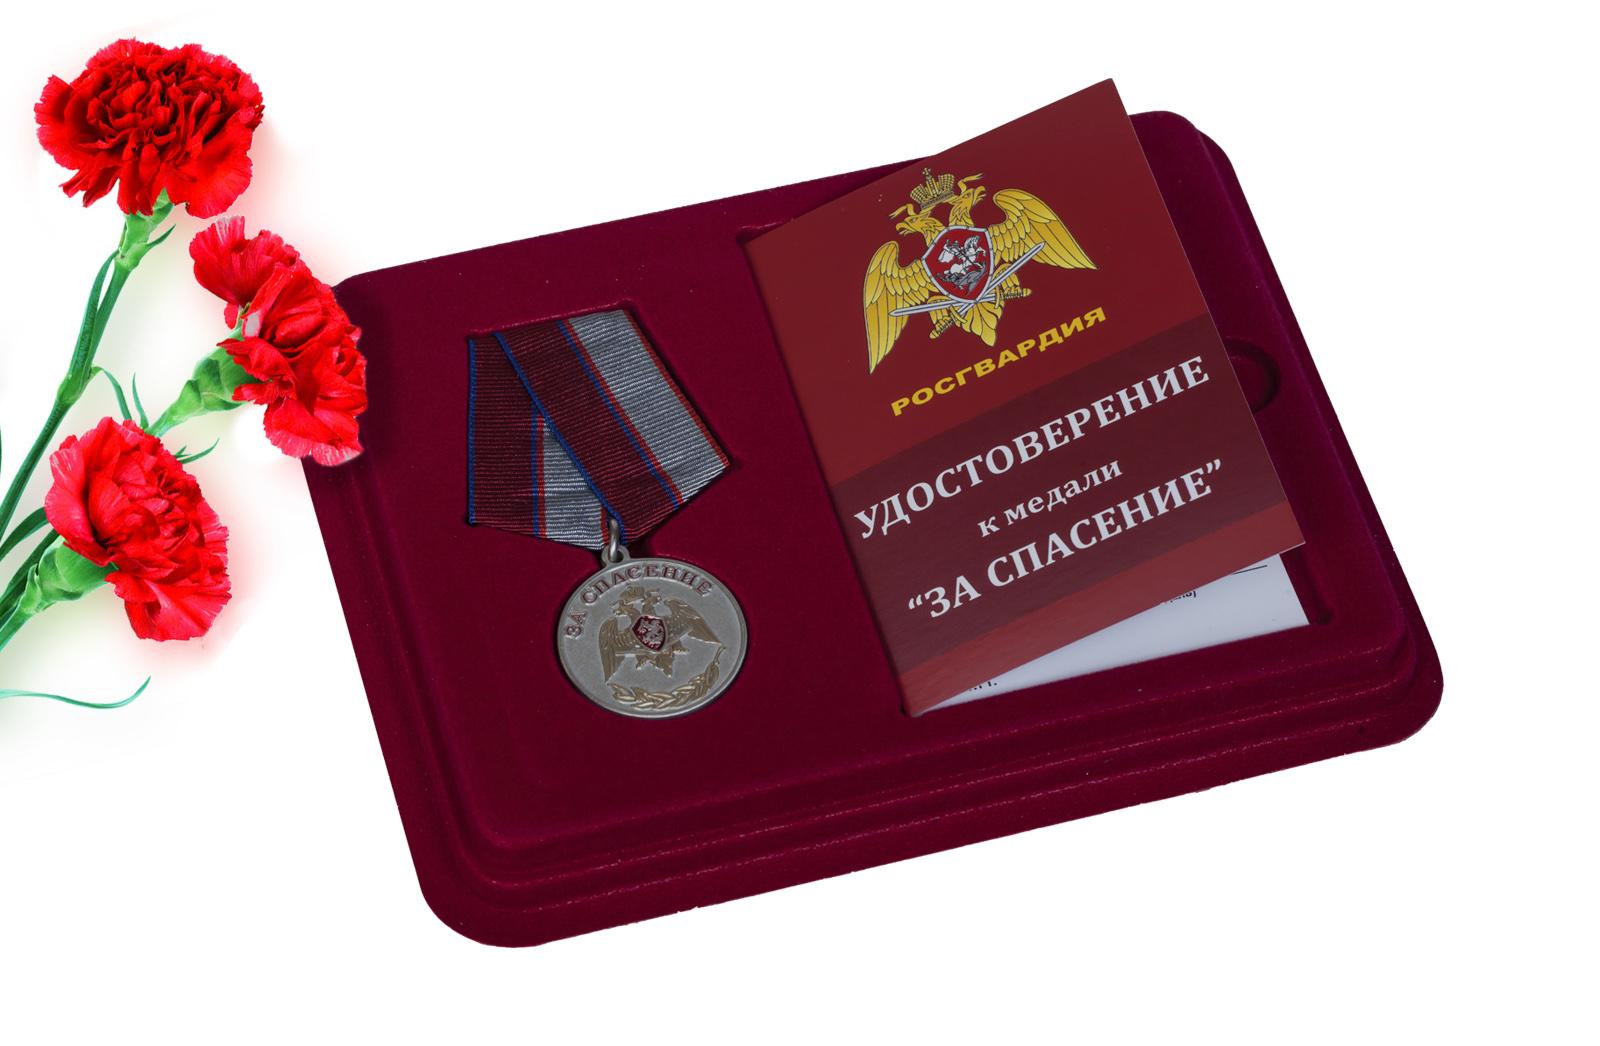 Купить медаль с символикой Росгвардии За спасение с доставкой в ваш город